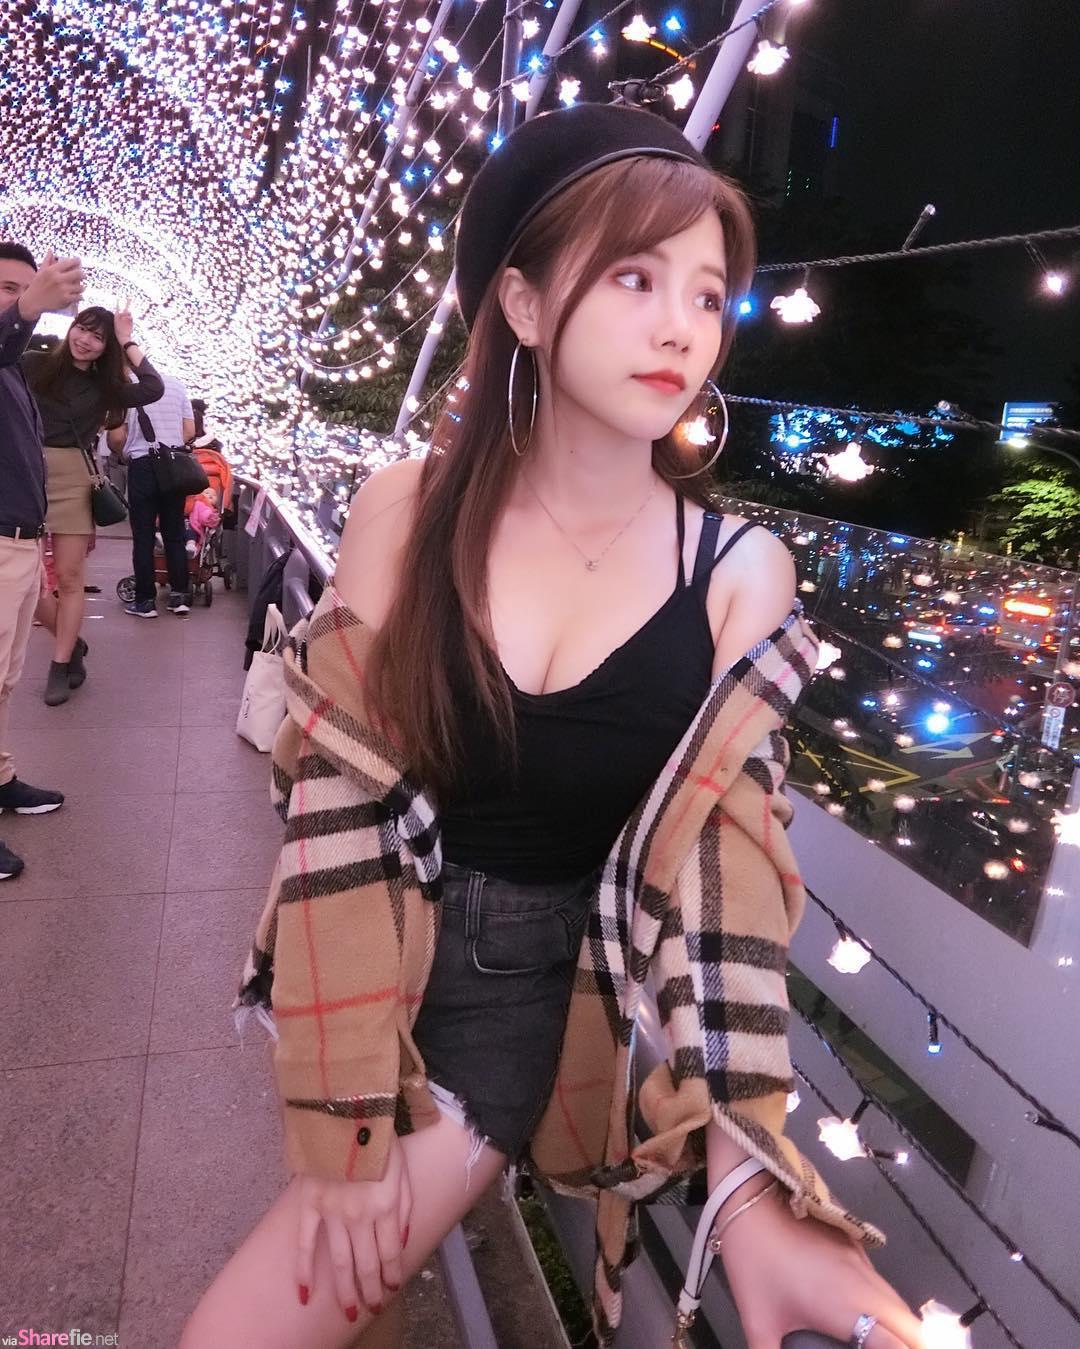 台湾正妹佩茹Penny海边比基尼大解放,身材超火辣